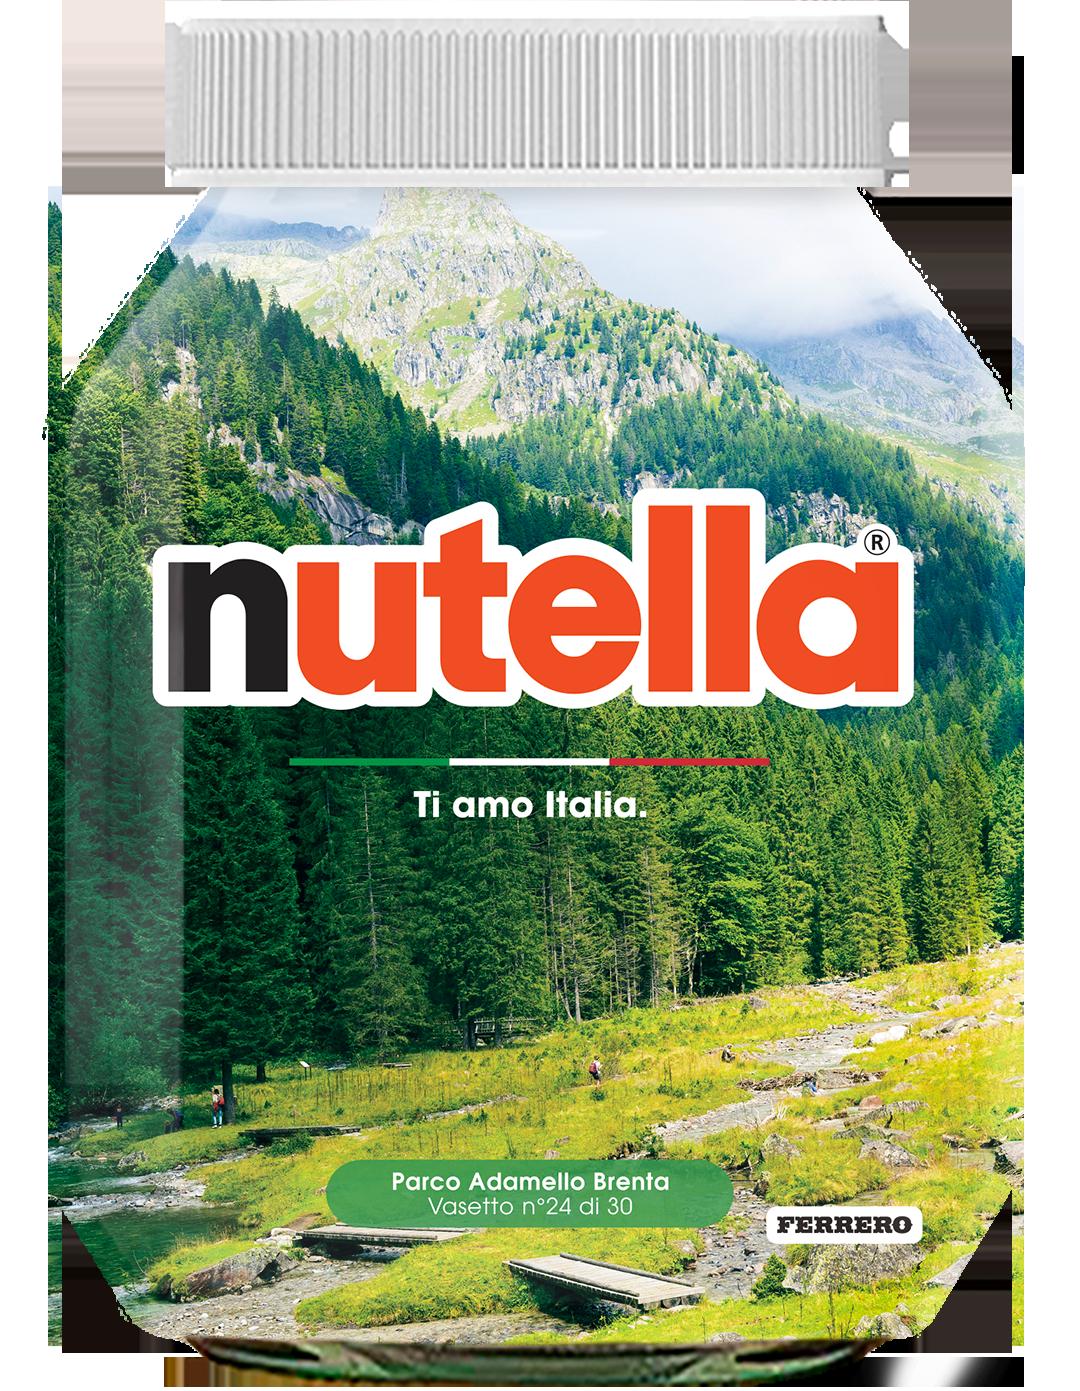 Trentino Alto Adige - Parco Adamello Brenta - i vasetti di nutella dedicati all'italia